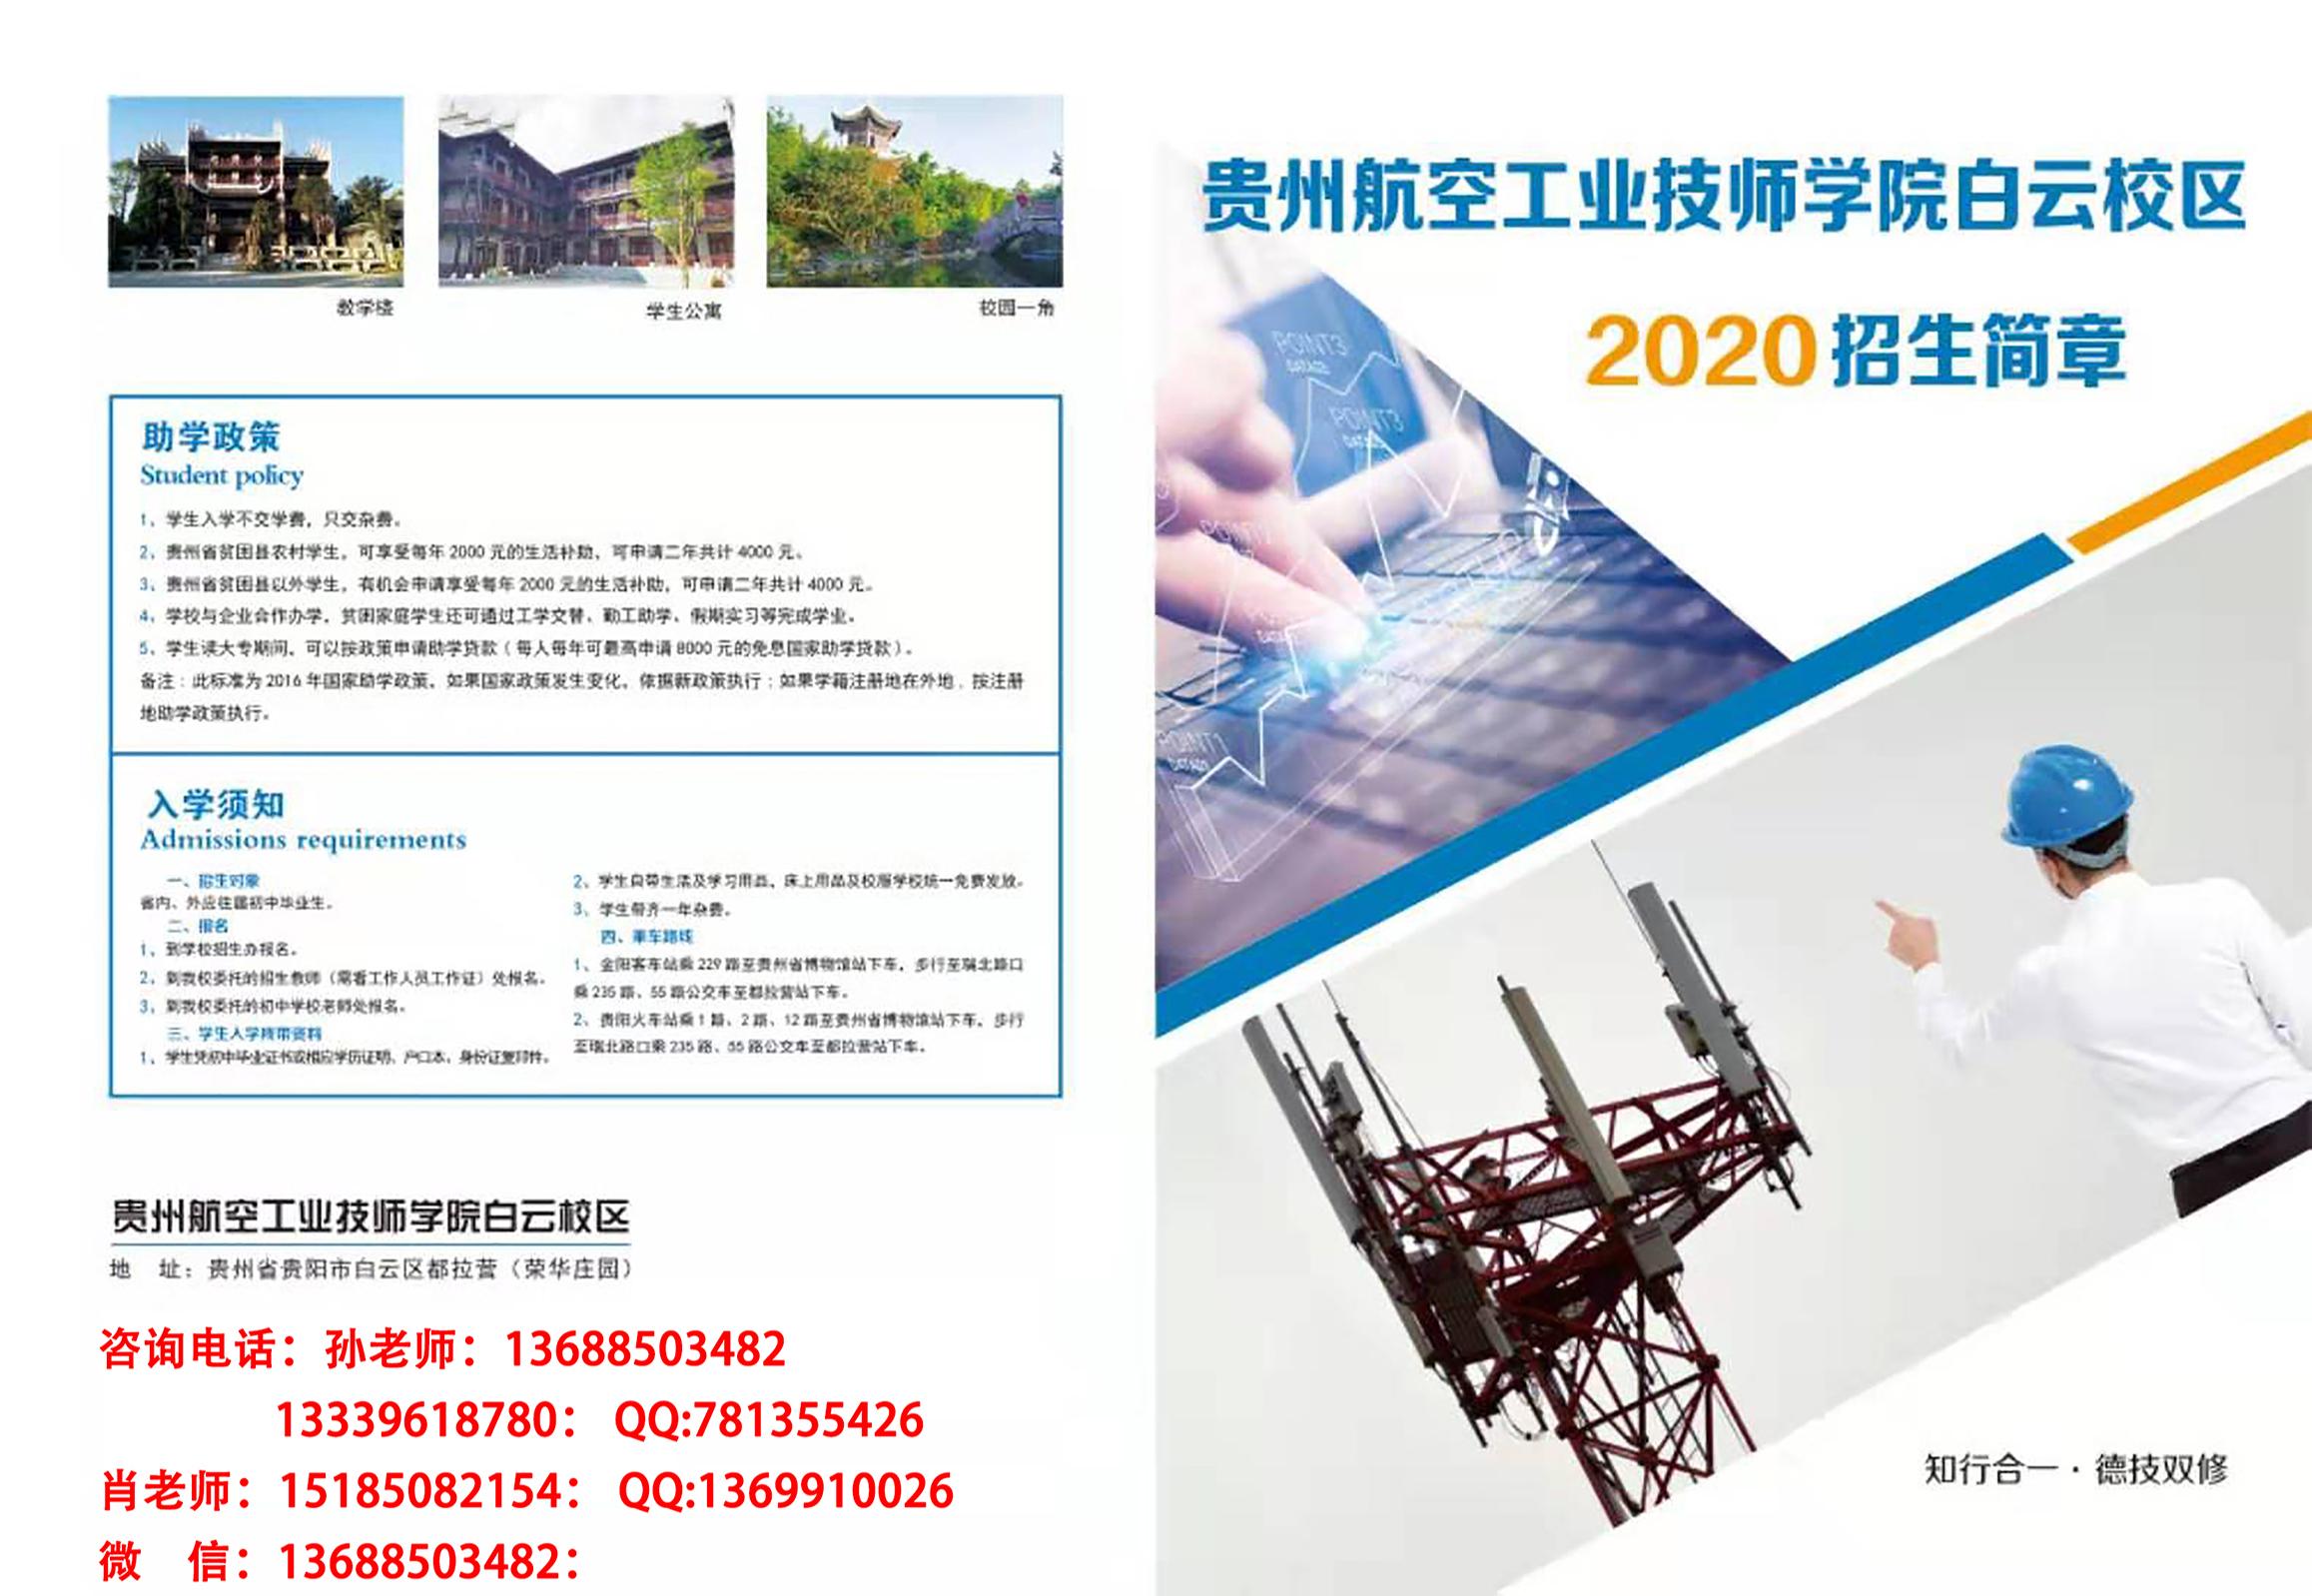 贵州航空工业技师学院白云区,2021招生简章